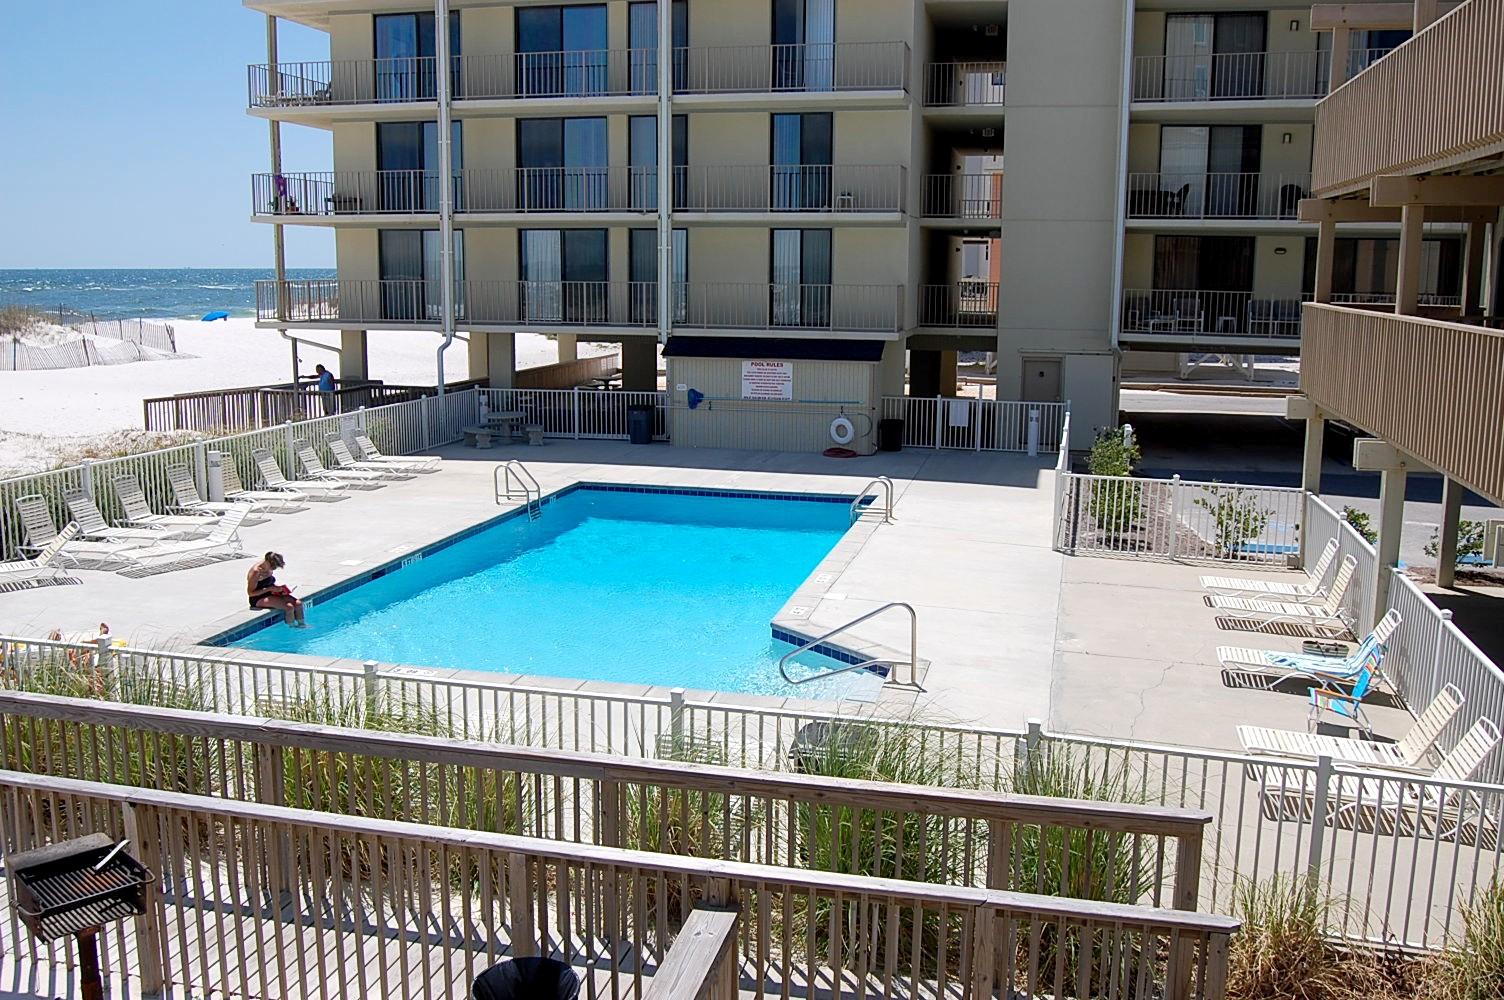 GULF VILLAGE 413 Condo rental in Gulf Village Gulf Shores in Gulf Shores Alabama - #4